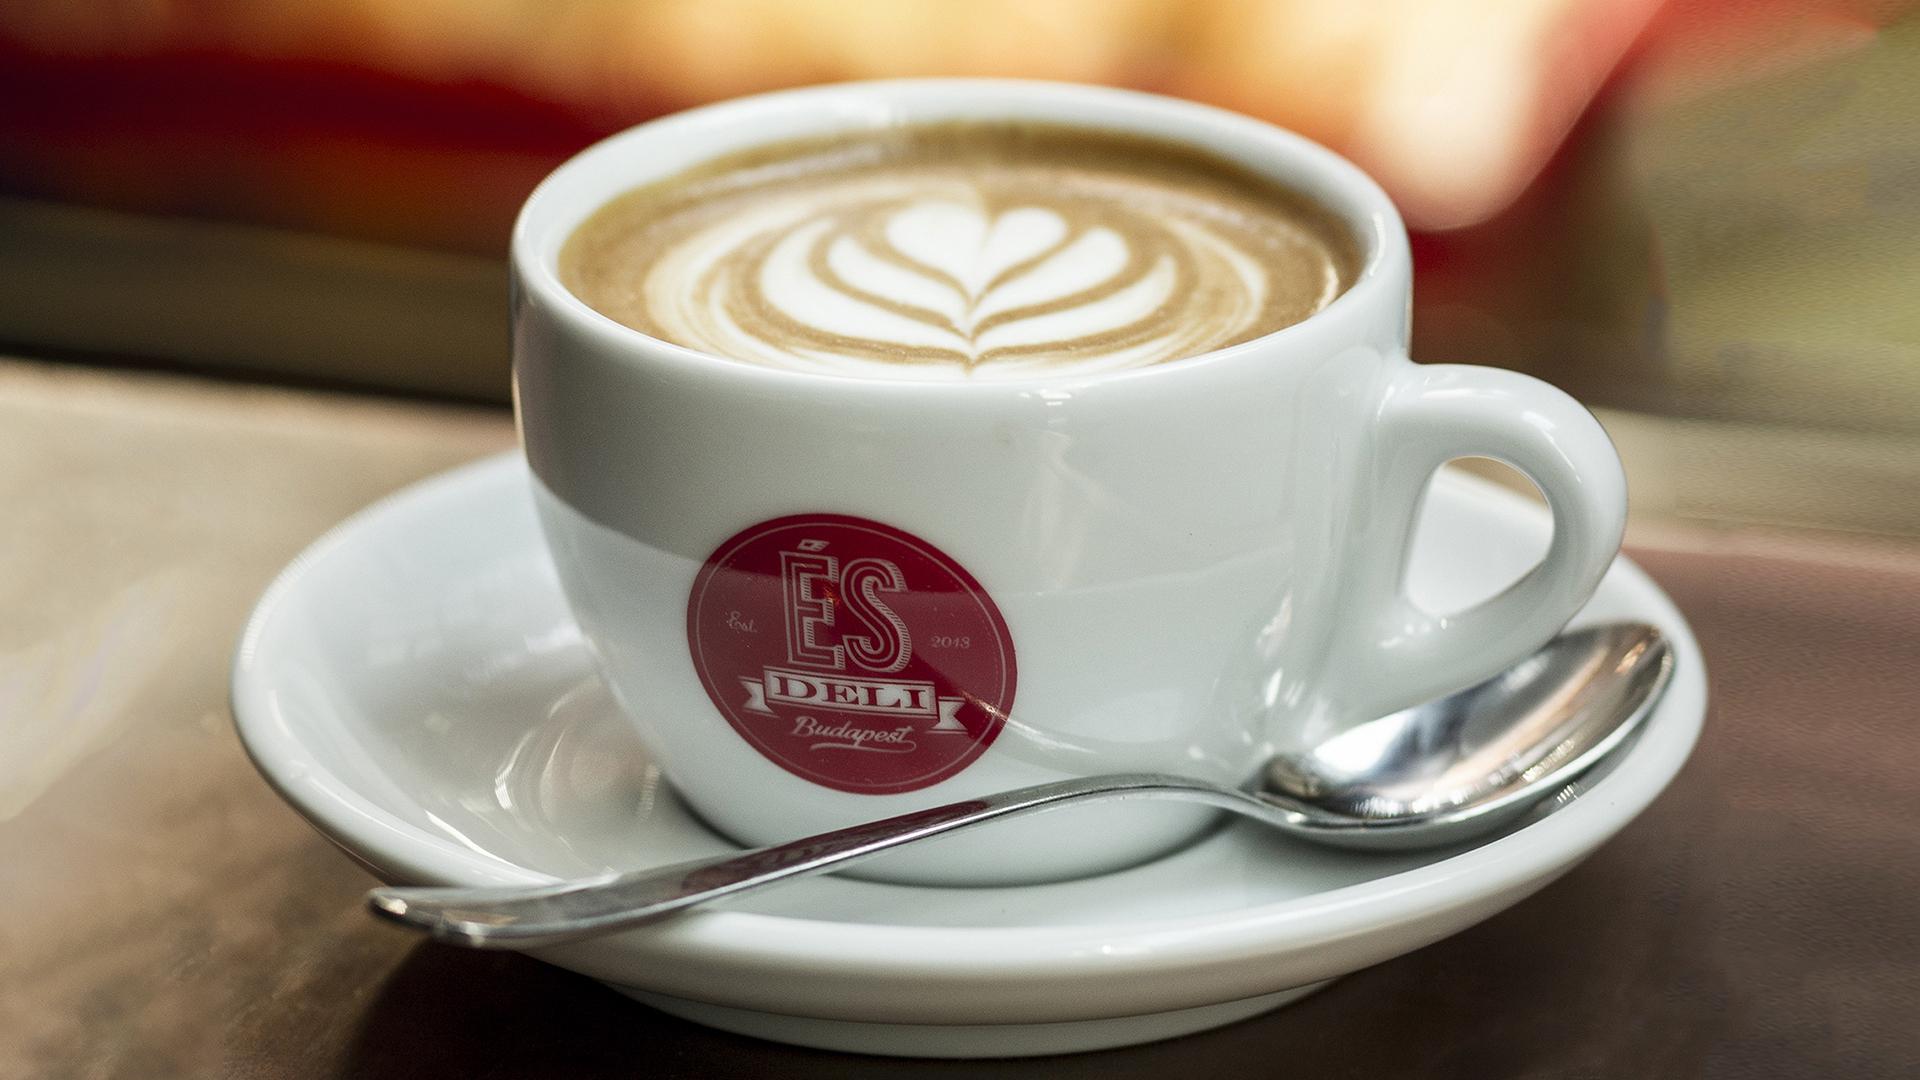 ÉS Deli - Coffee Specialties